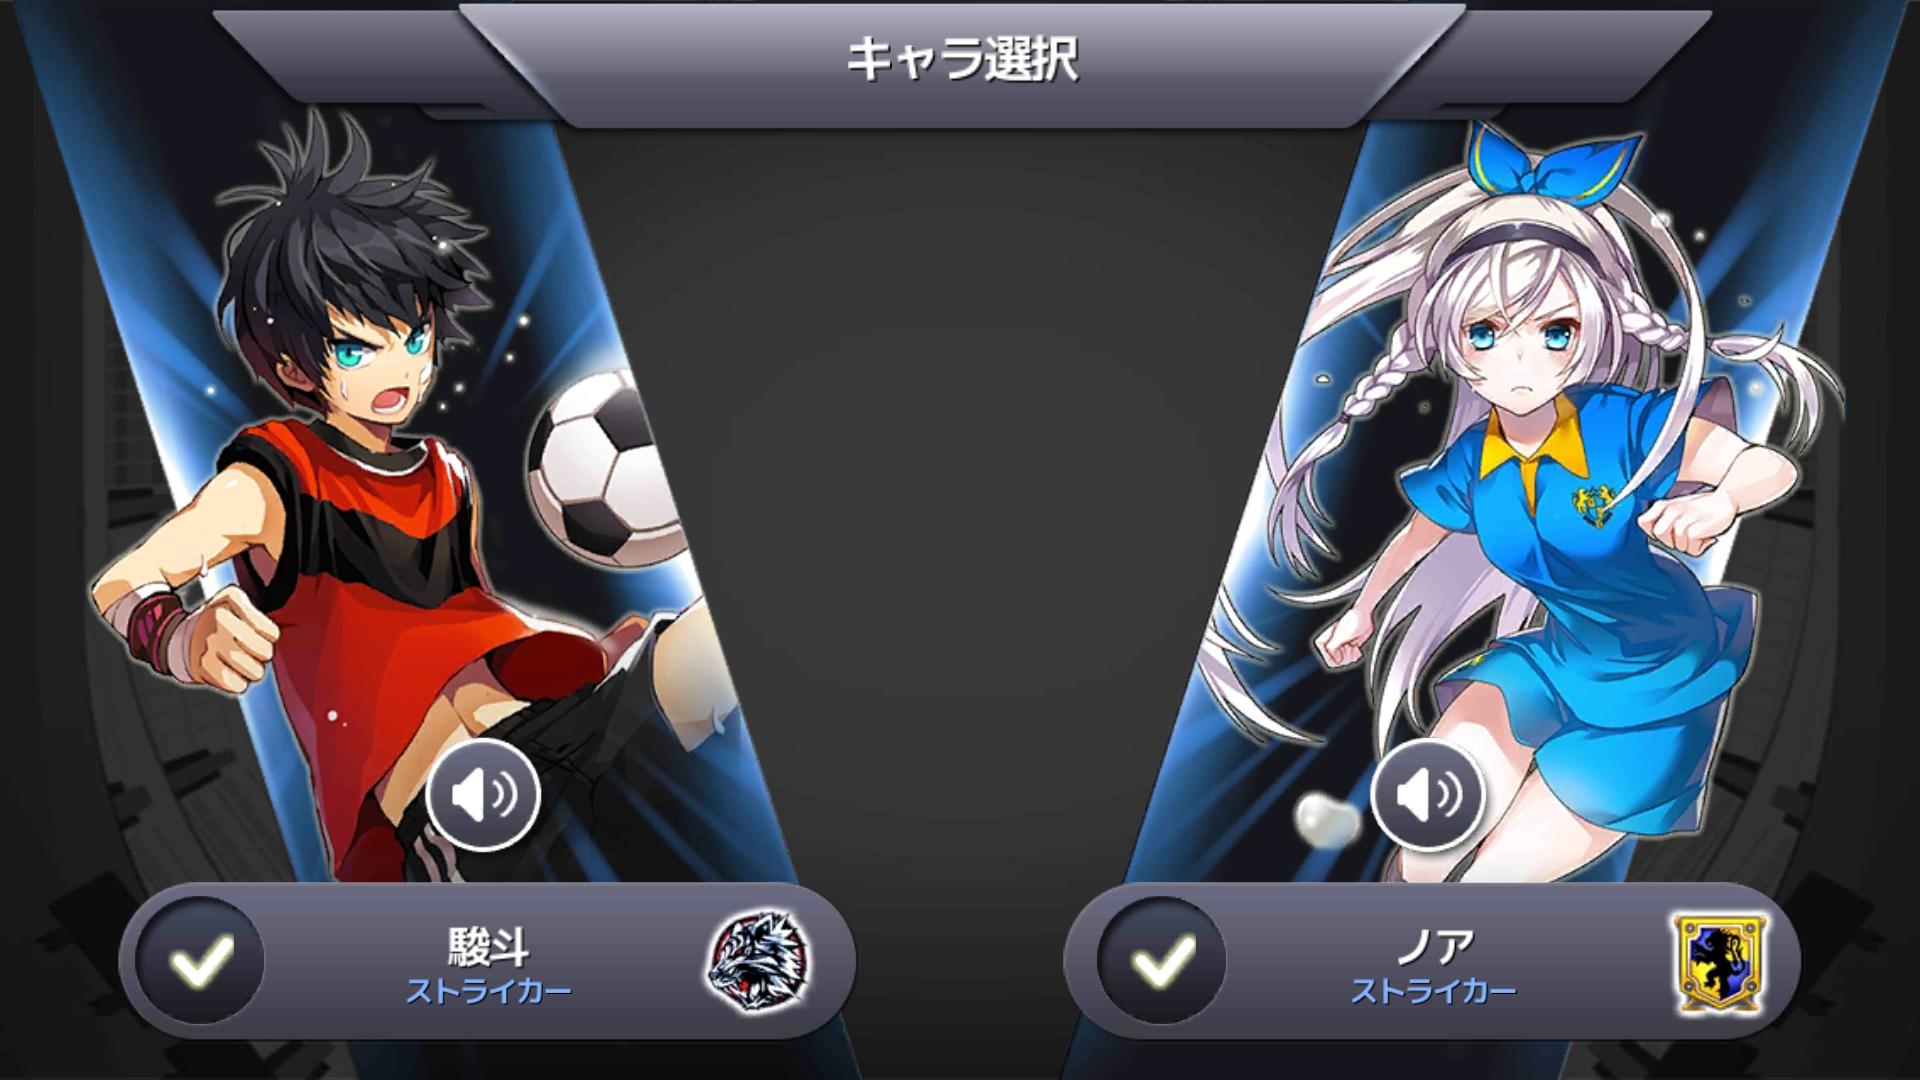 androidアプリ サッカースピリッツ(サカスピ)攻略スクリーンショット2